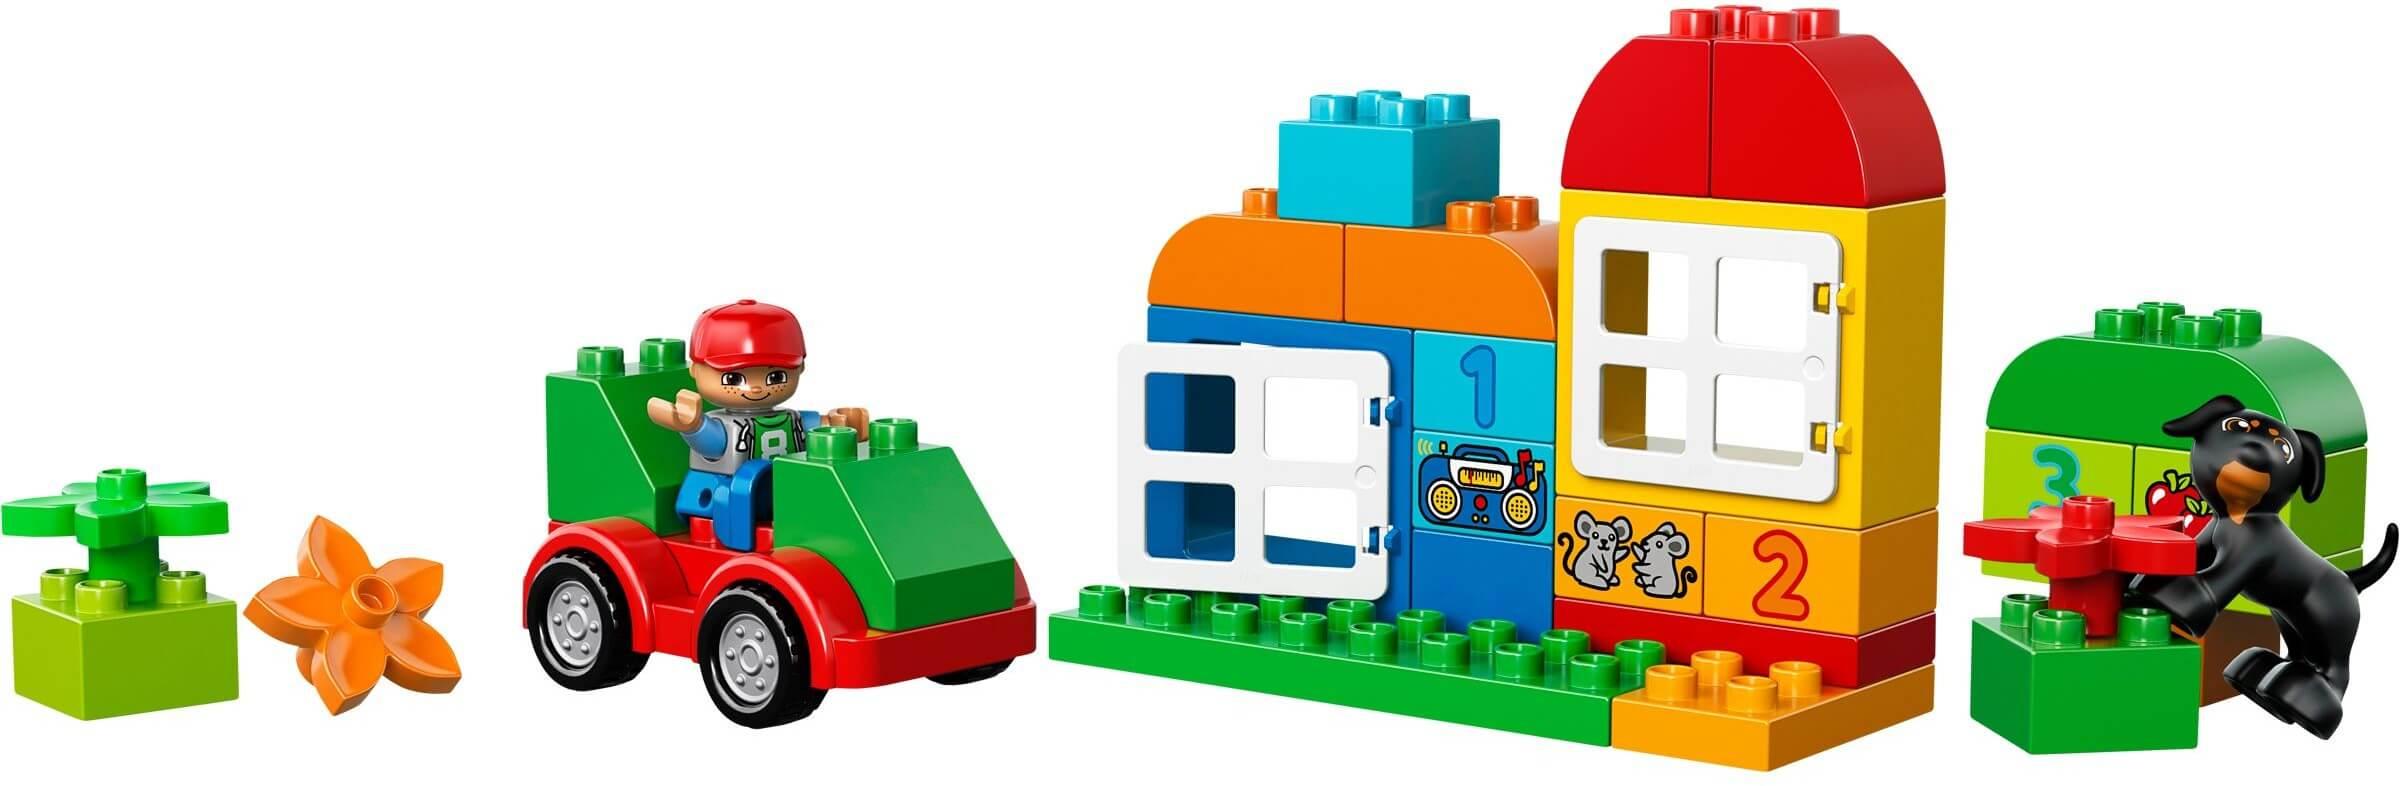 Mua đồ chơi LEGO 10572 - LEGO DUPLO 10572 - Thùng gạch LEGO DUPLO lớn 65 mảnh ghép (LEGO DUPLO All-In-One Box of Fun 10572)